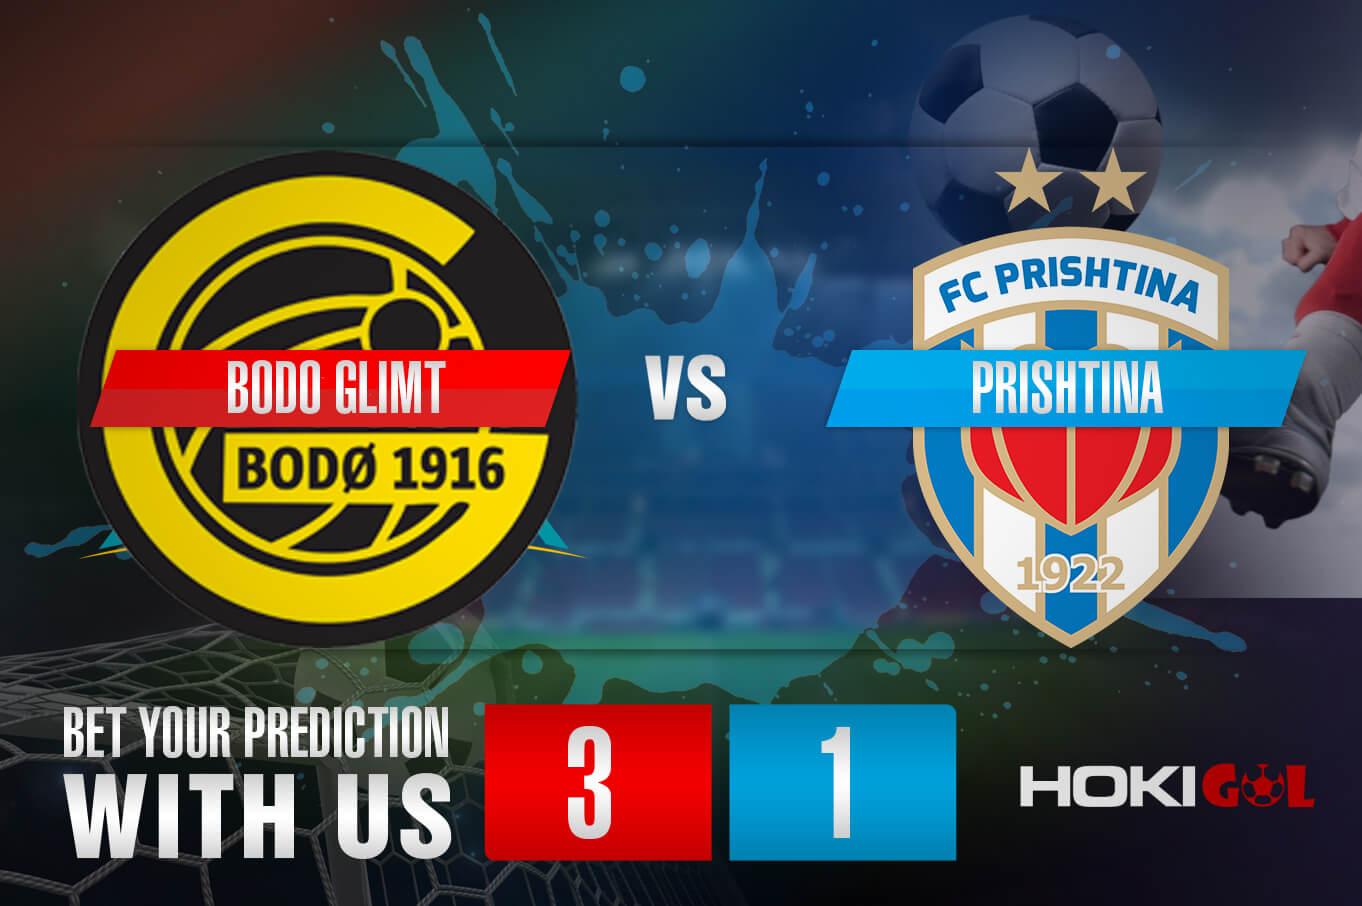 Prediksi Bola Bodo Glimt Vs Prishtina 12 Agustus 2021